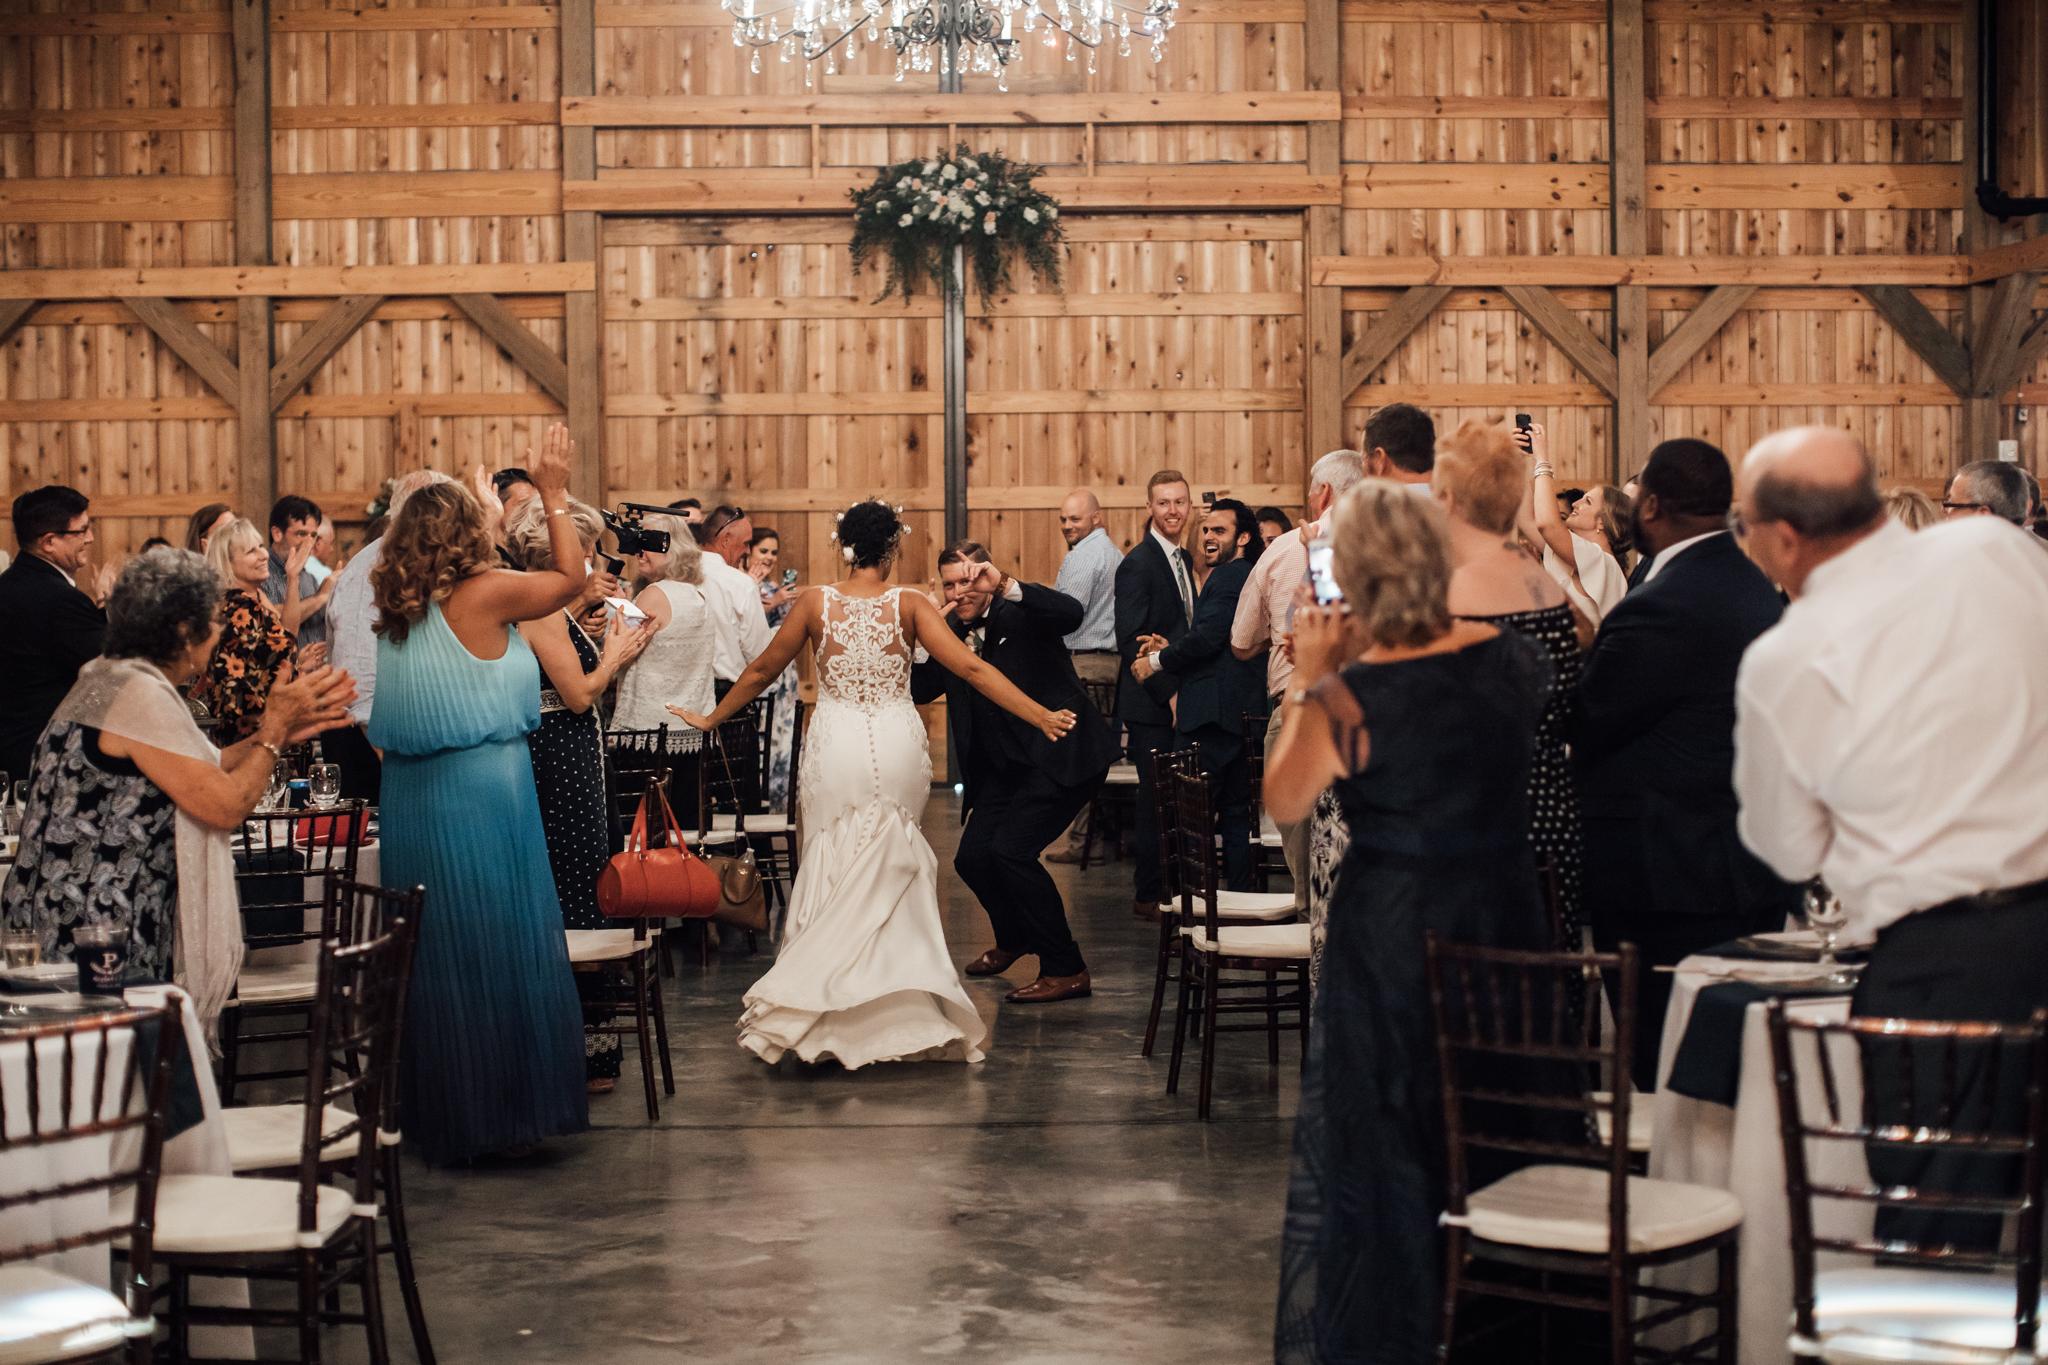 saddlewoodsfarms-nashville-wedding-photographer-thewarmtharoundyou-rustic-wedding (49 of 251).jpg